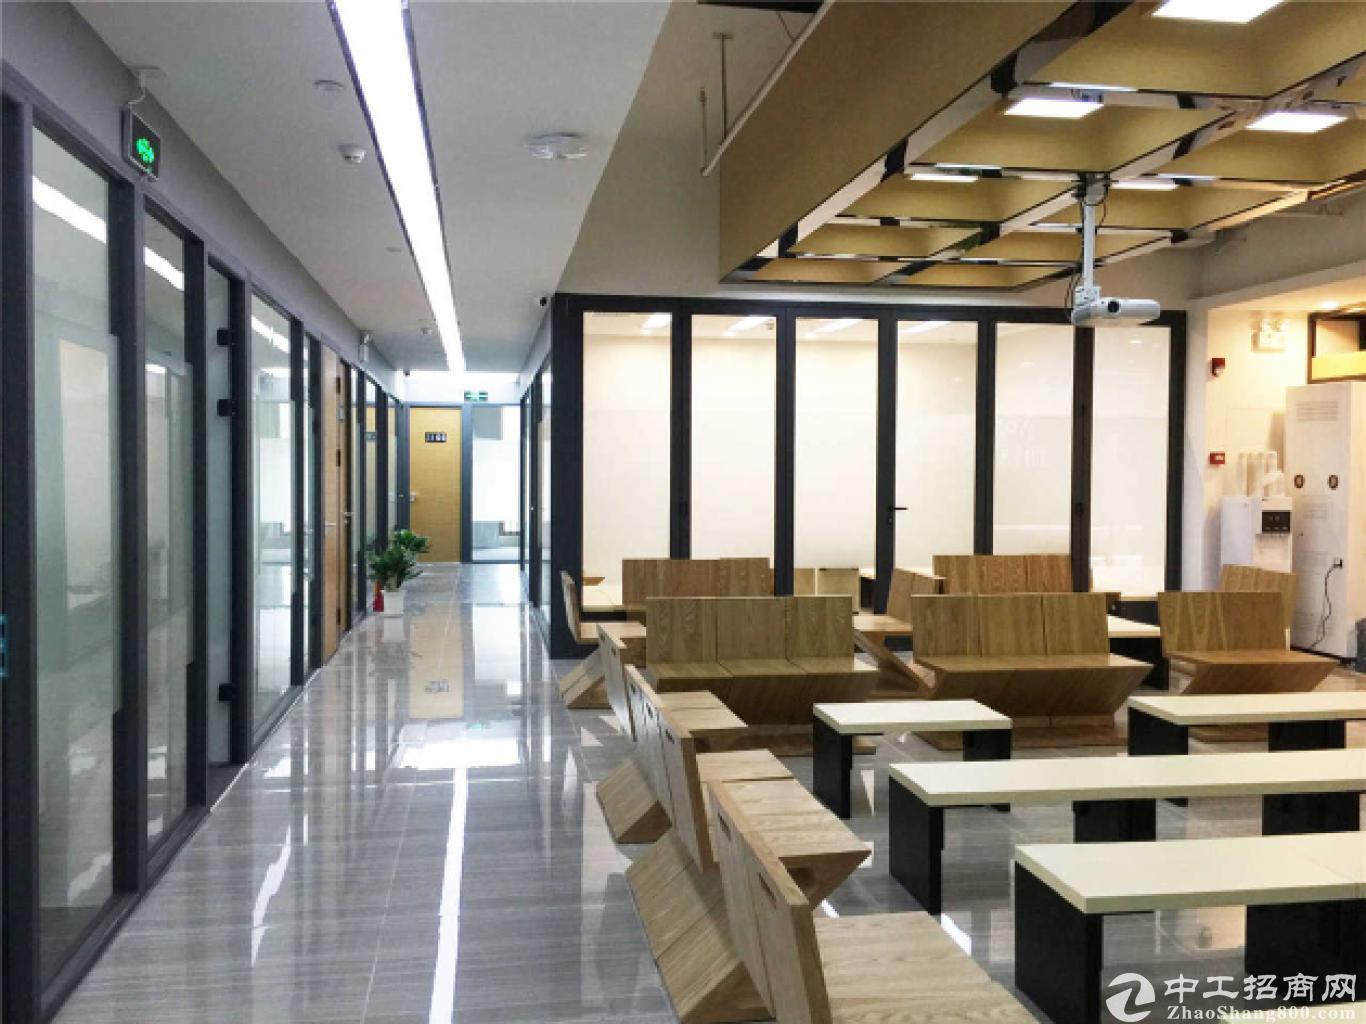 中国高科大厦